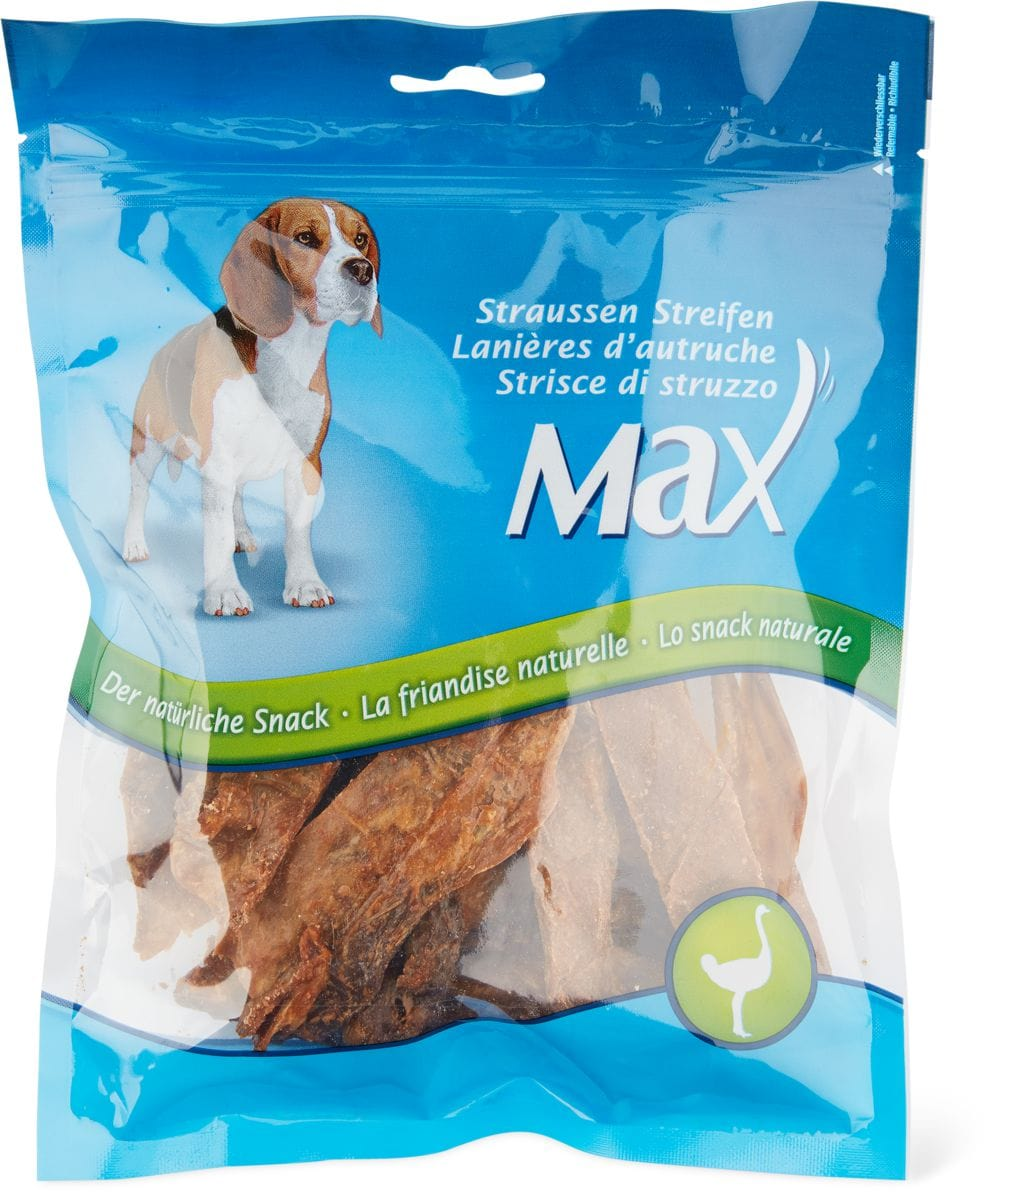 Max Snack Strisce di struzzo